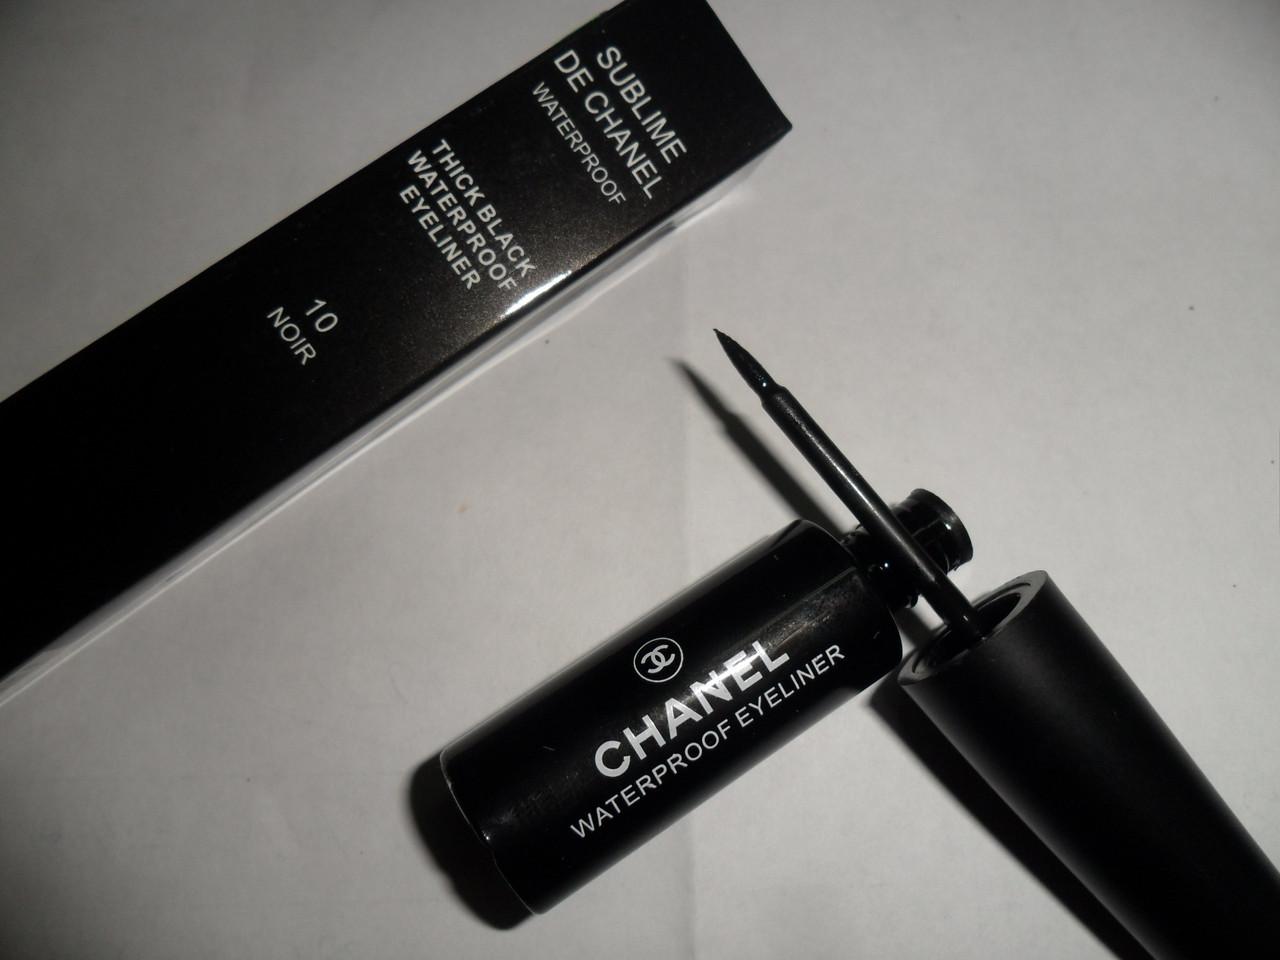 Подводка Chanel Sublime Waterproof / Шанель Сублиме водостойкая подводка